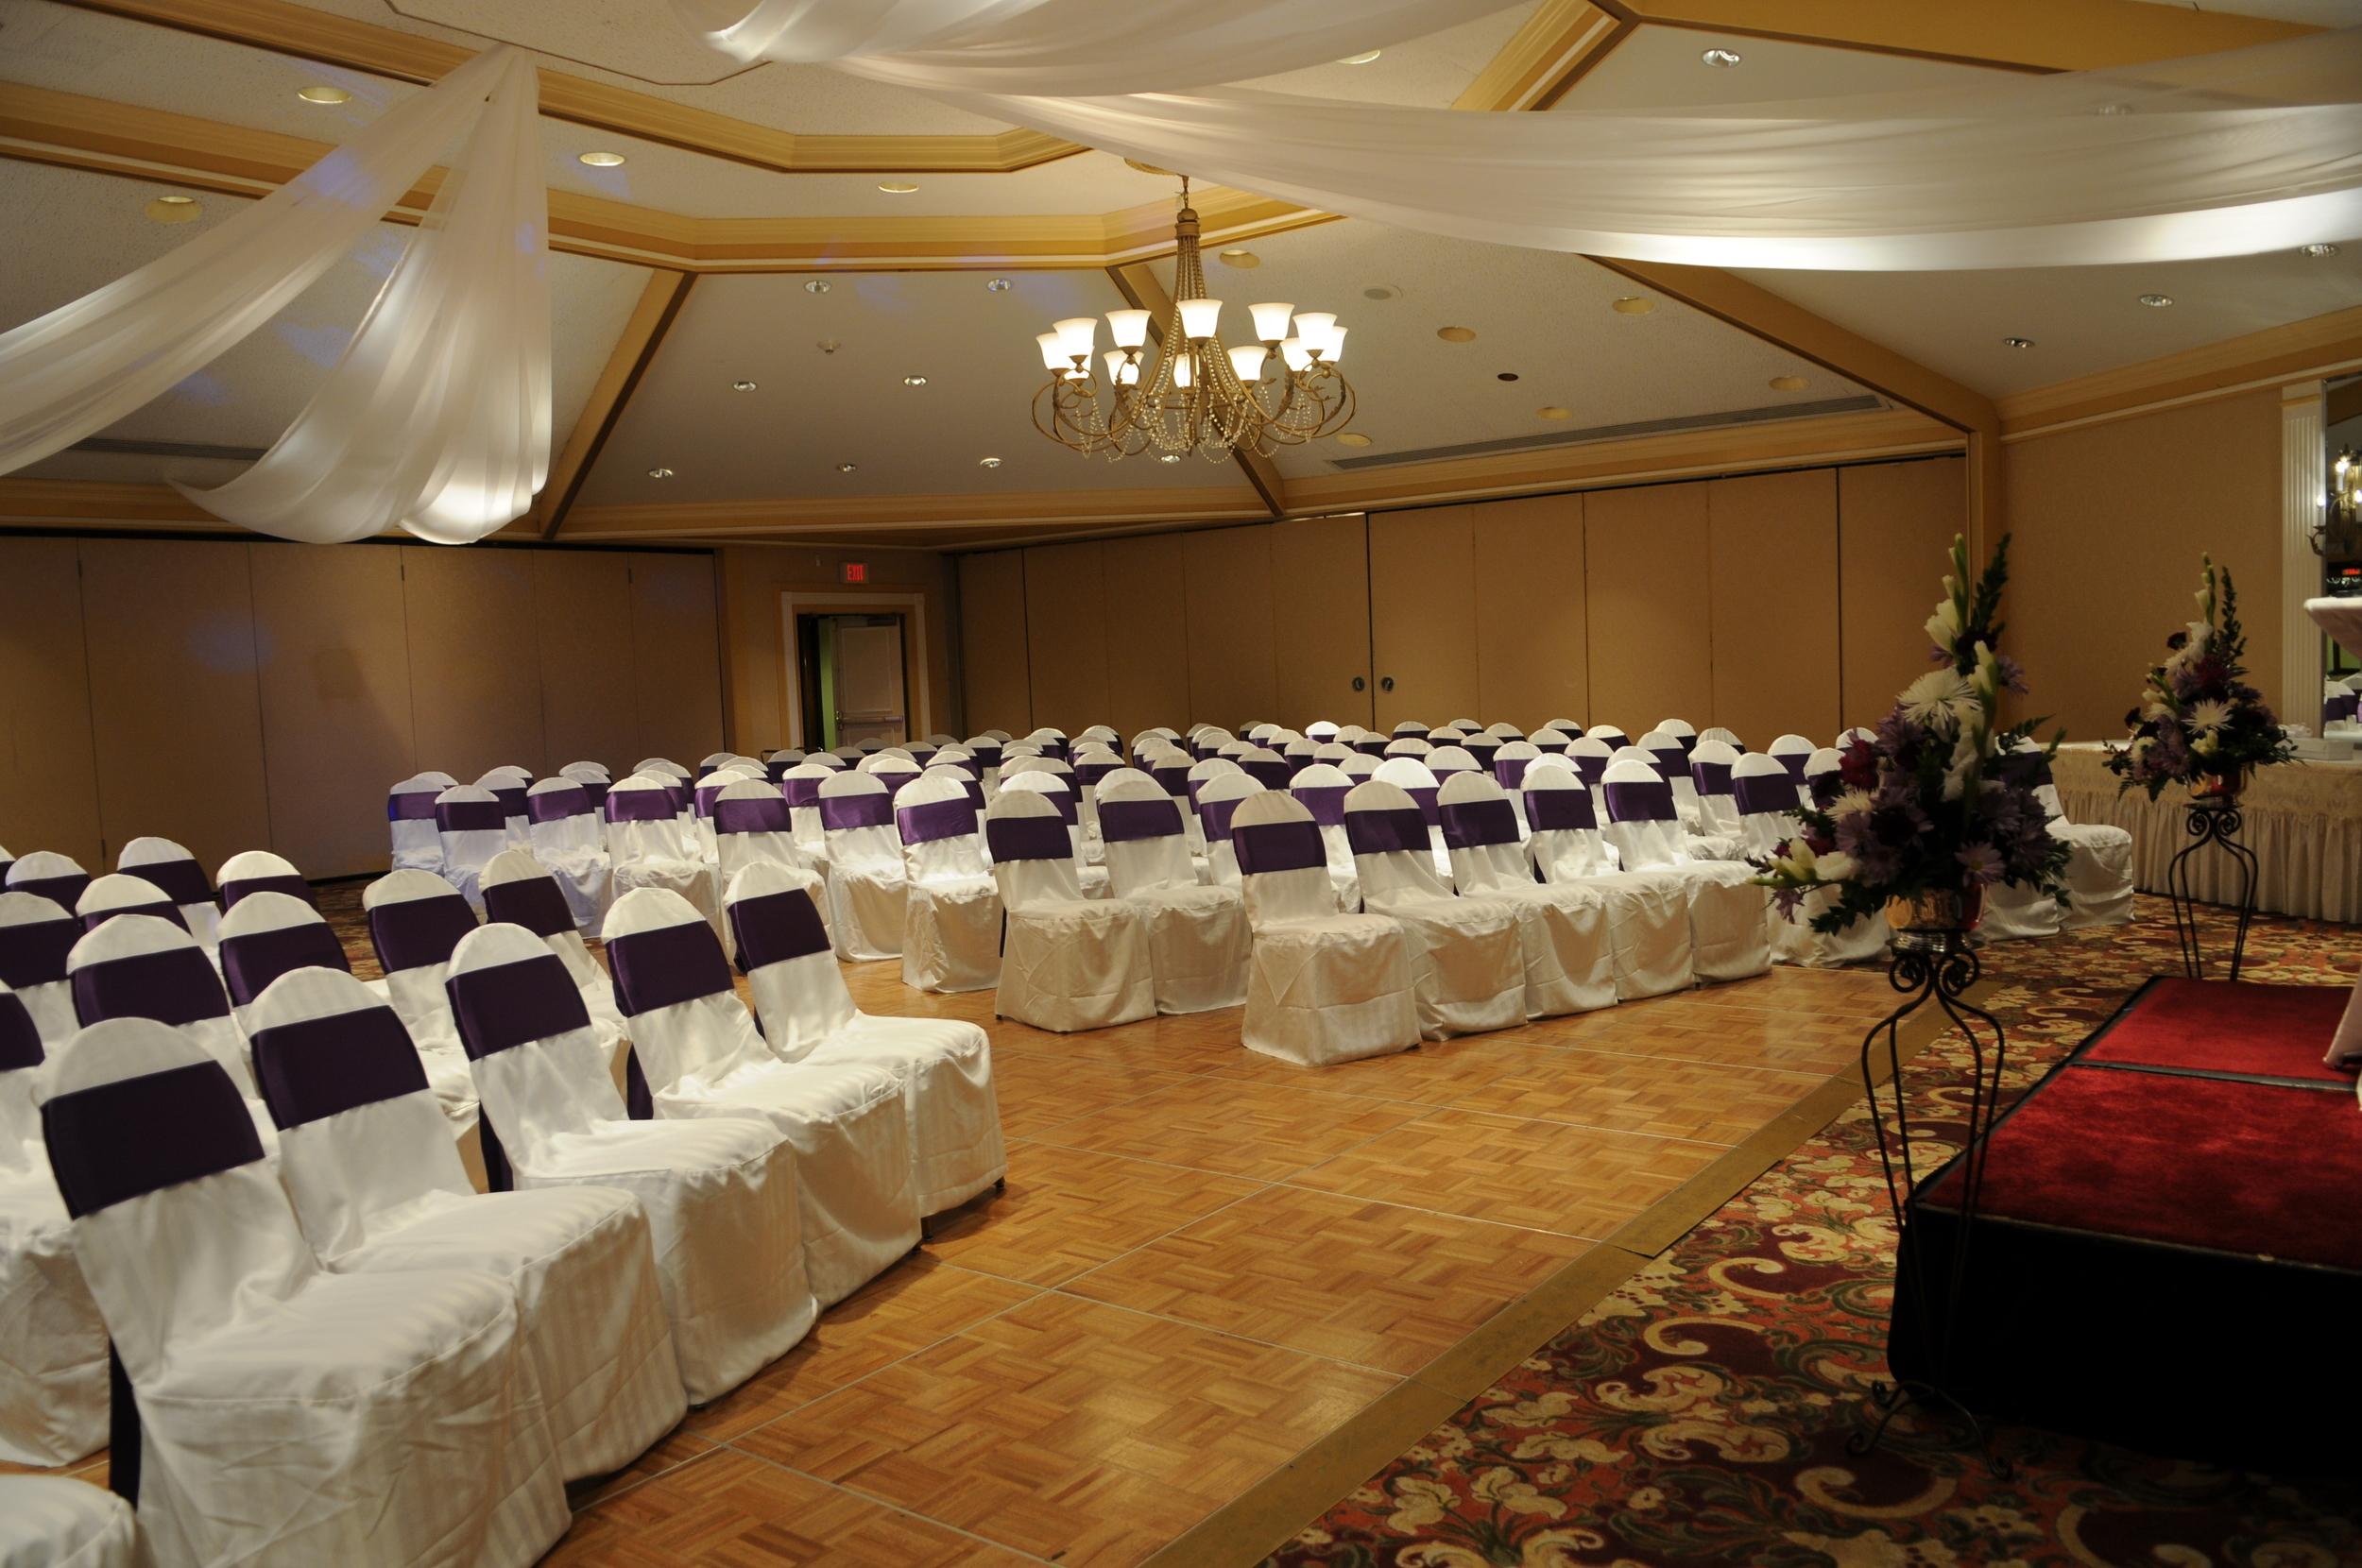 Indoor ceremony set up